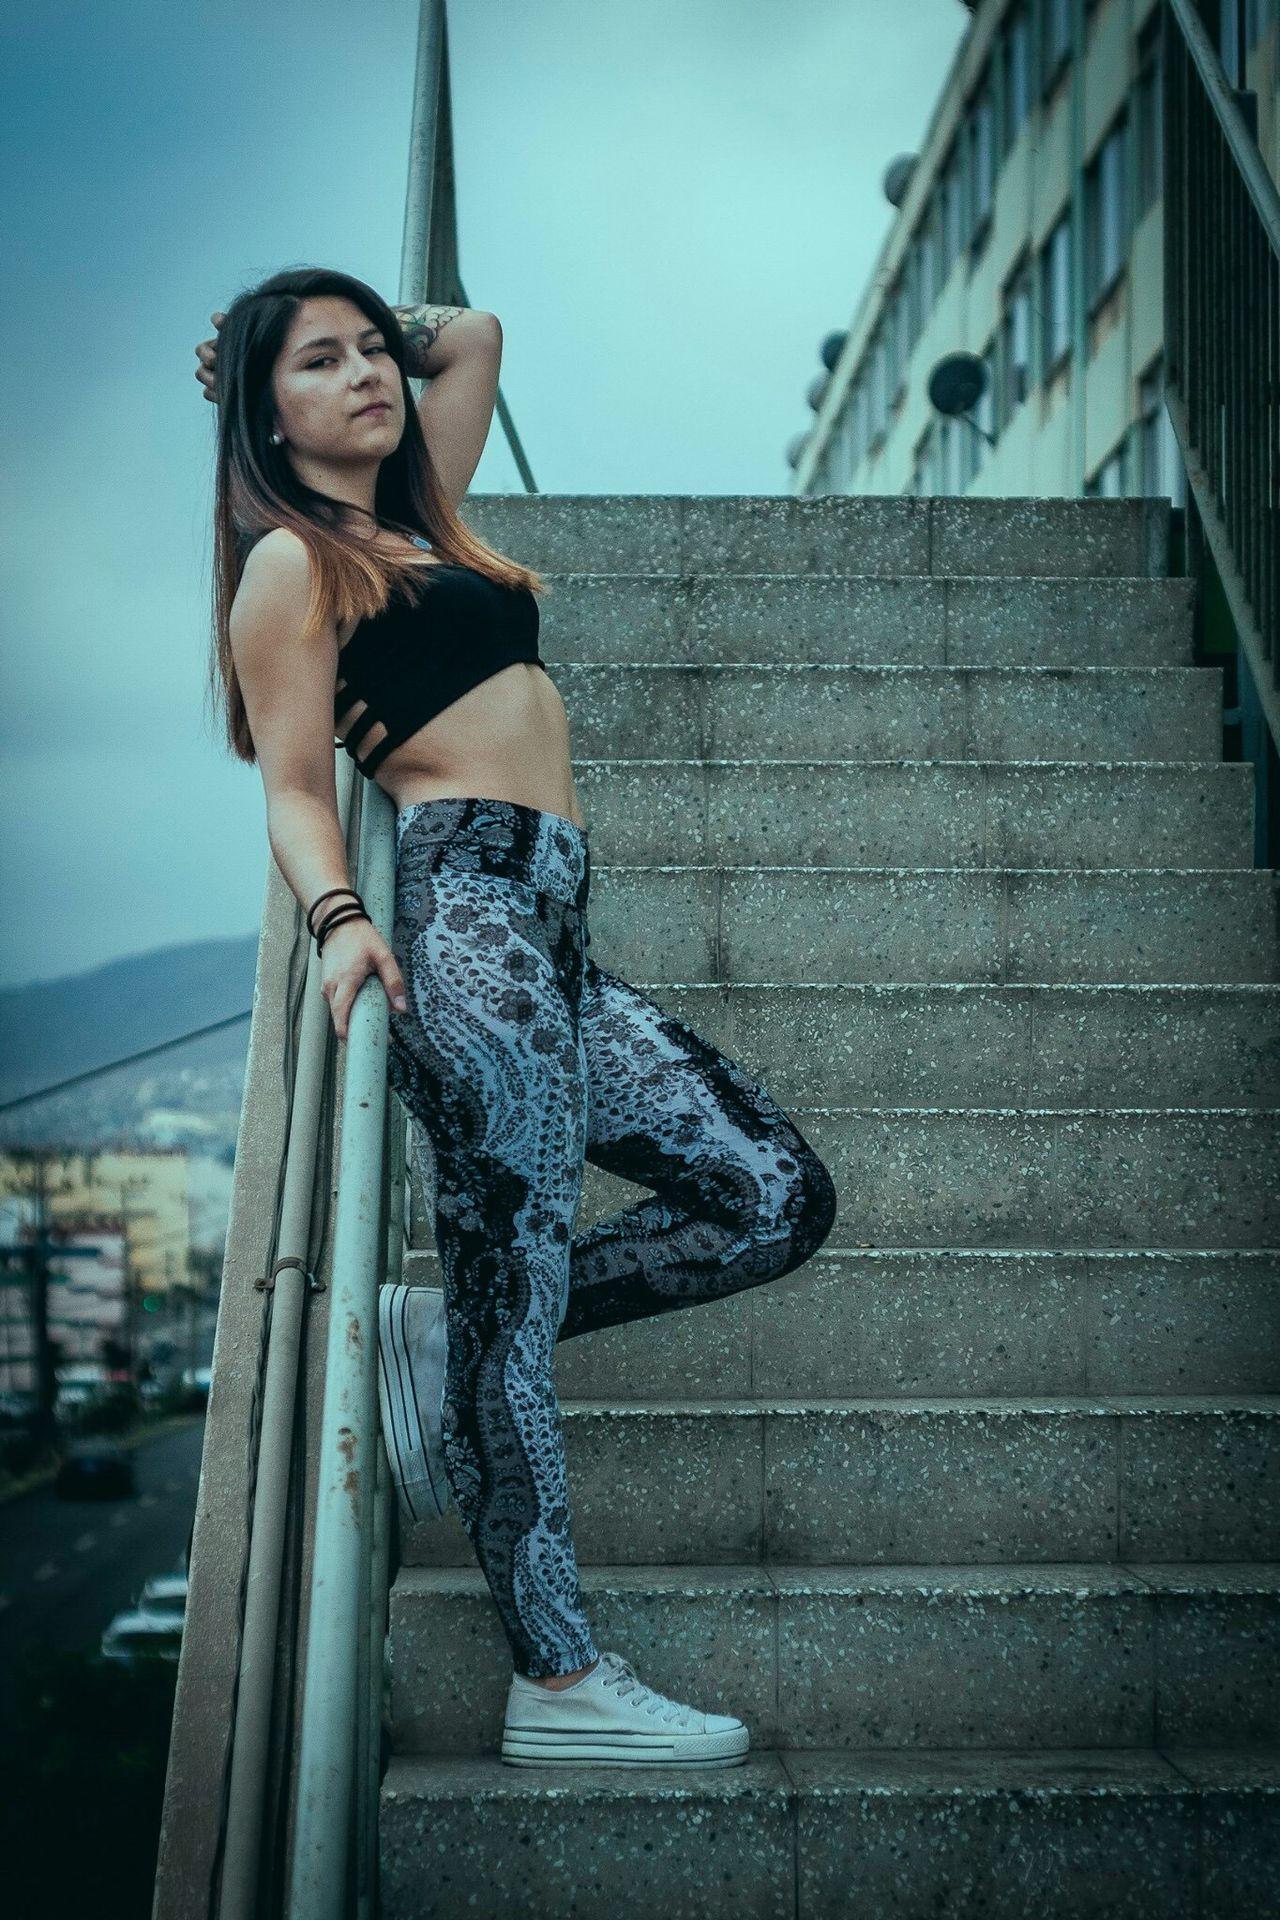 Model Canon Photoshoot Color 50mm Antofagasta Girl